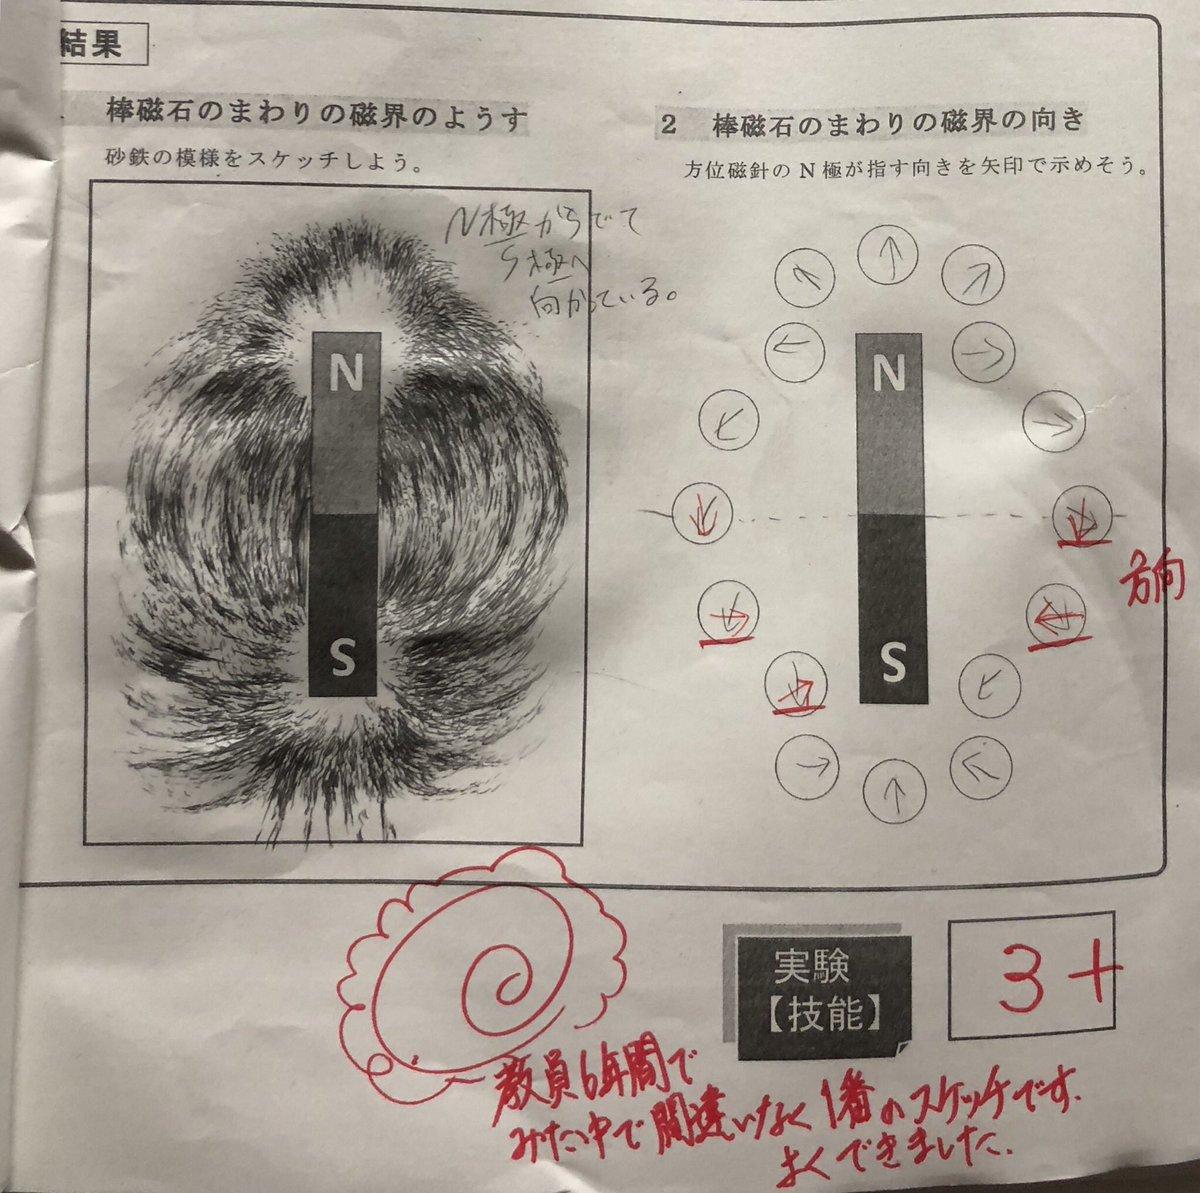 杉基イクラ🚨17巻3/4発売/舞台公演5/3~8さんの投稿画像